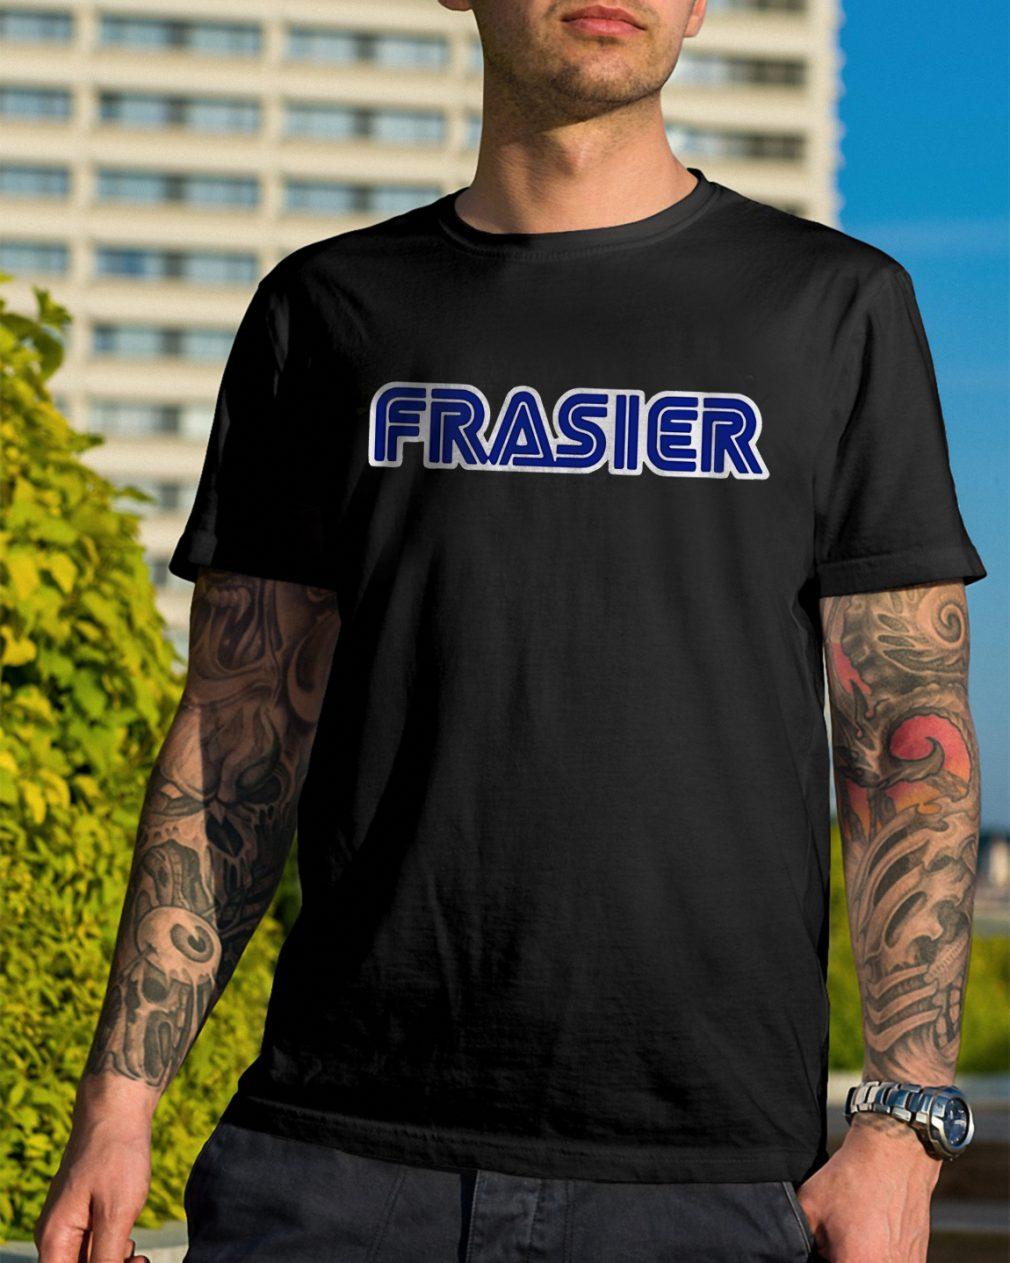 Frasier Shirt